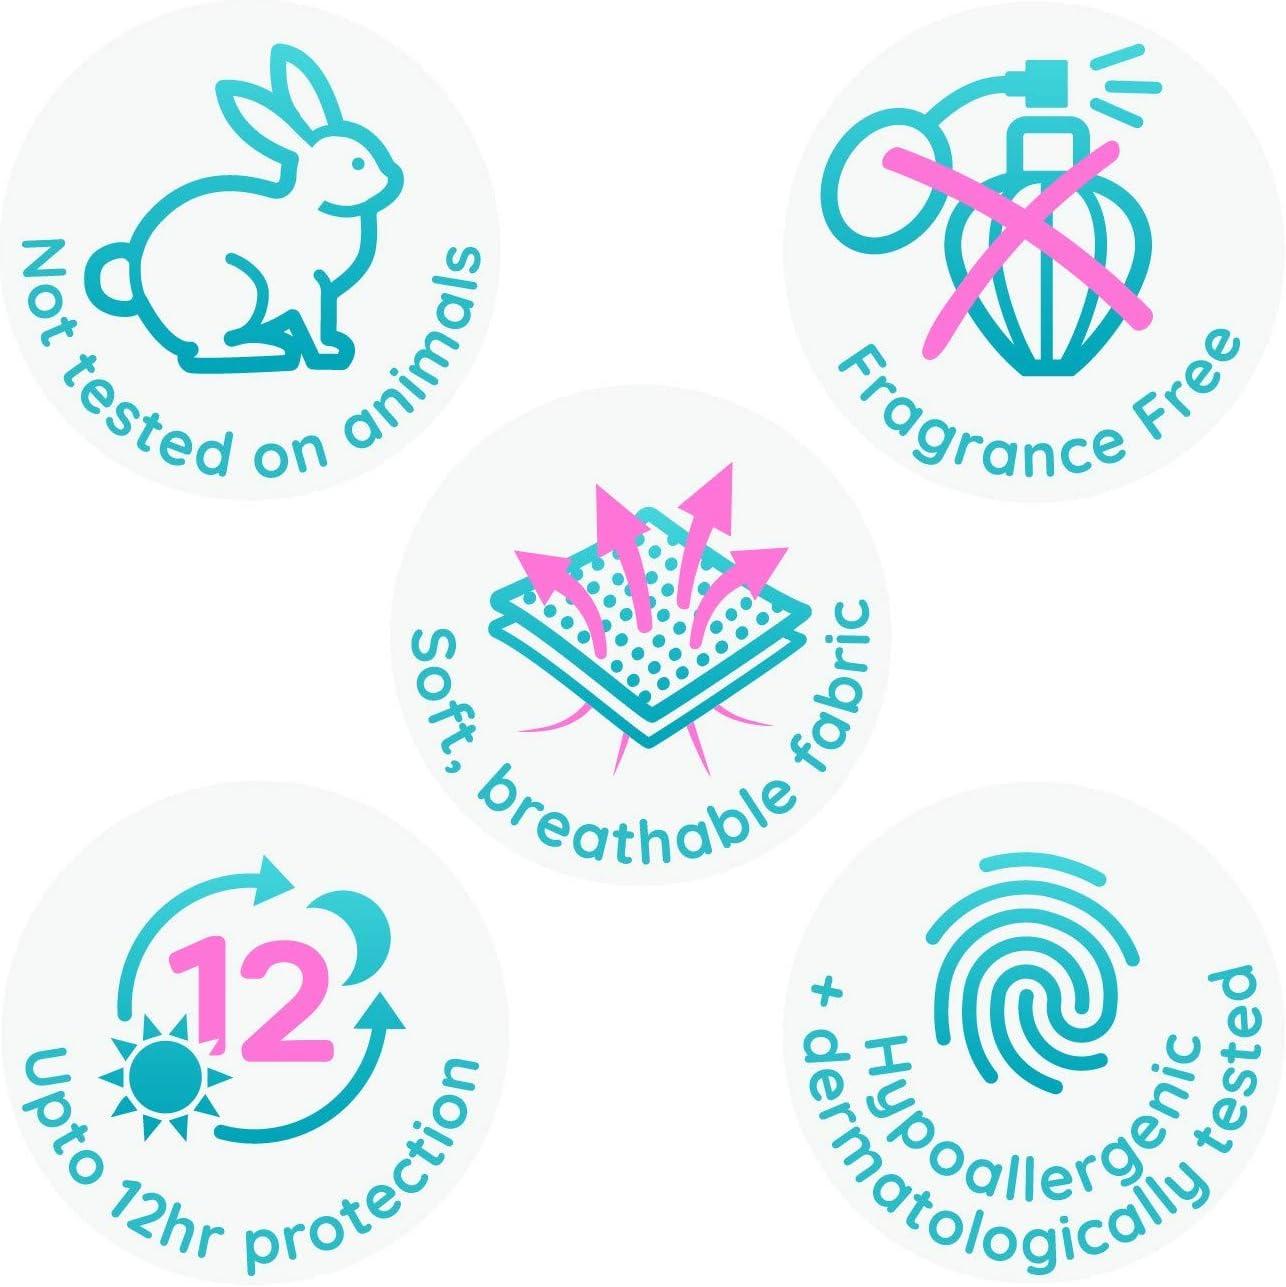 Hipoalerg/énicos Talla 3 con tecnolog/ía Smart Tube para lograr una protecci/ón extra frente a las fugas 42 pa/ñales Mum /& You Pa/ñales ecol/ógicos Nappychat probados y dermatol/ógicamente